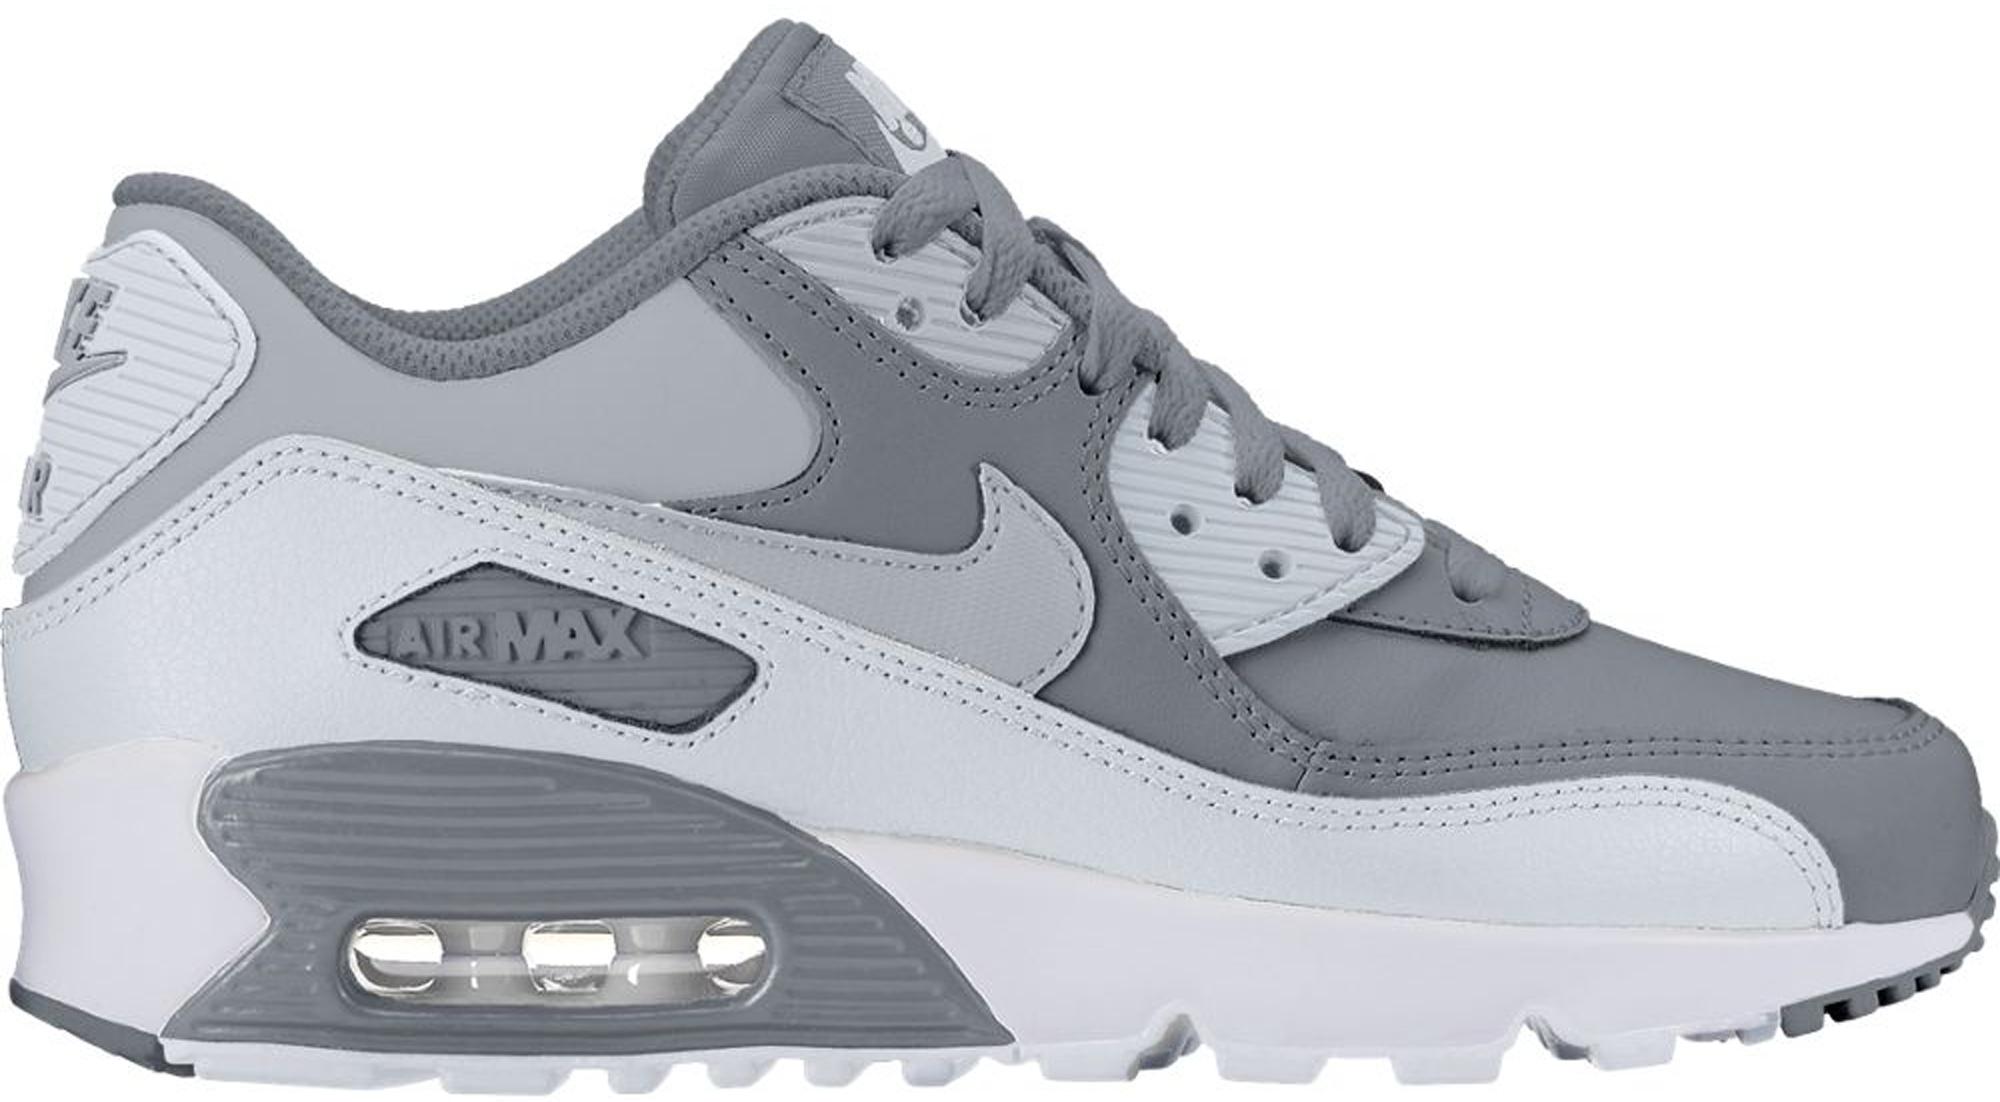 nike air max 90 cool grey